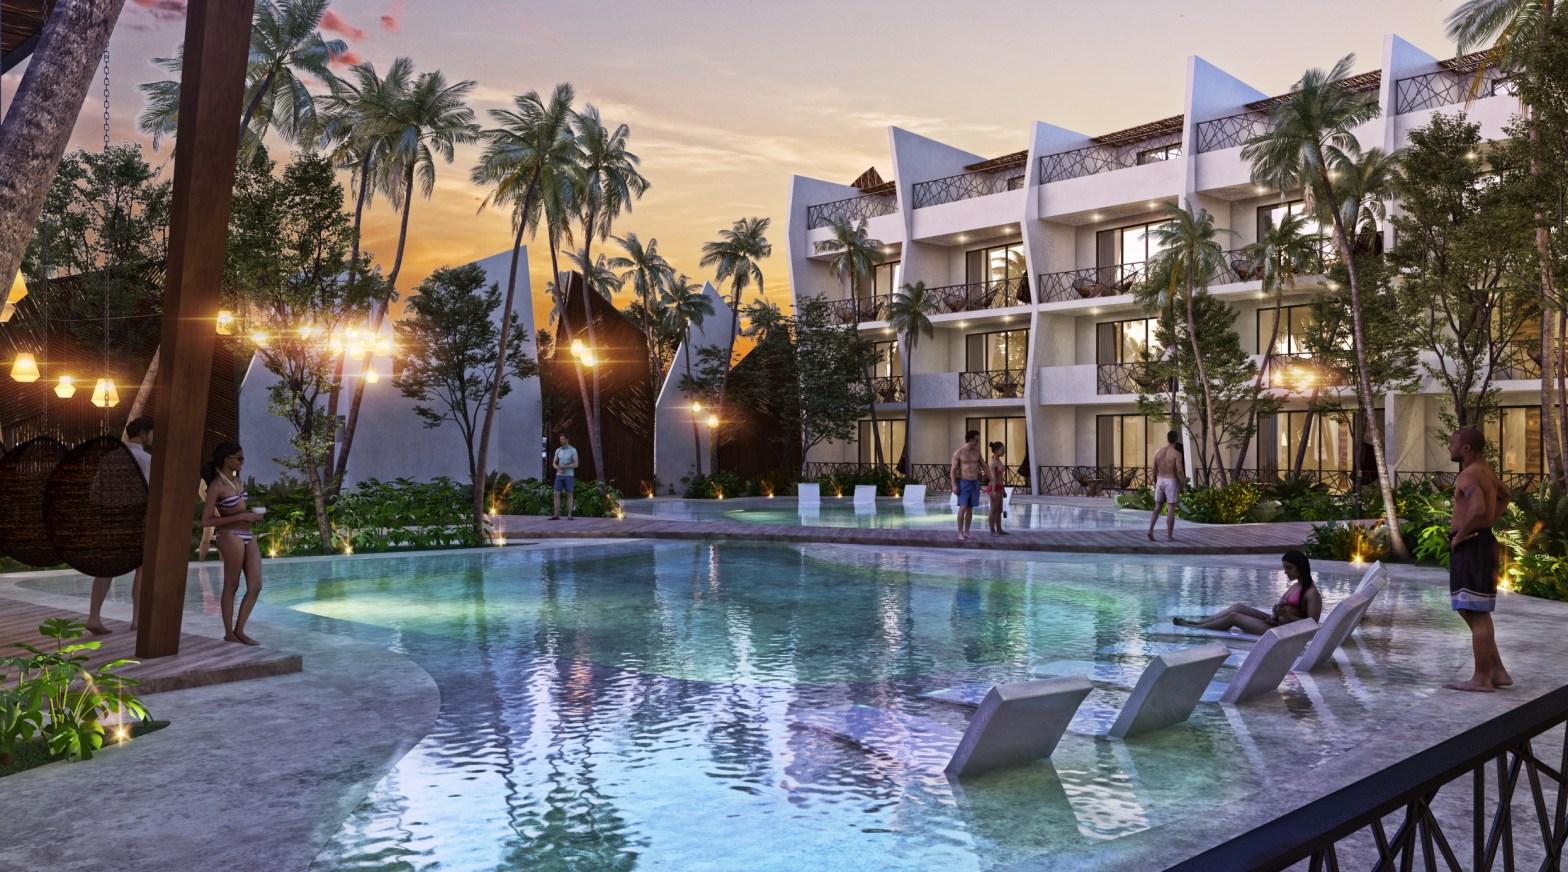 condominium by-laws in mexico